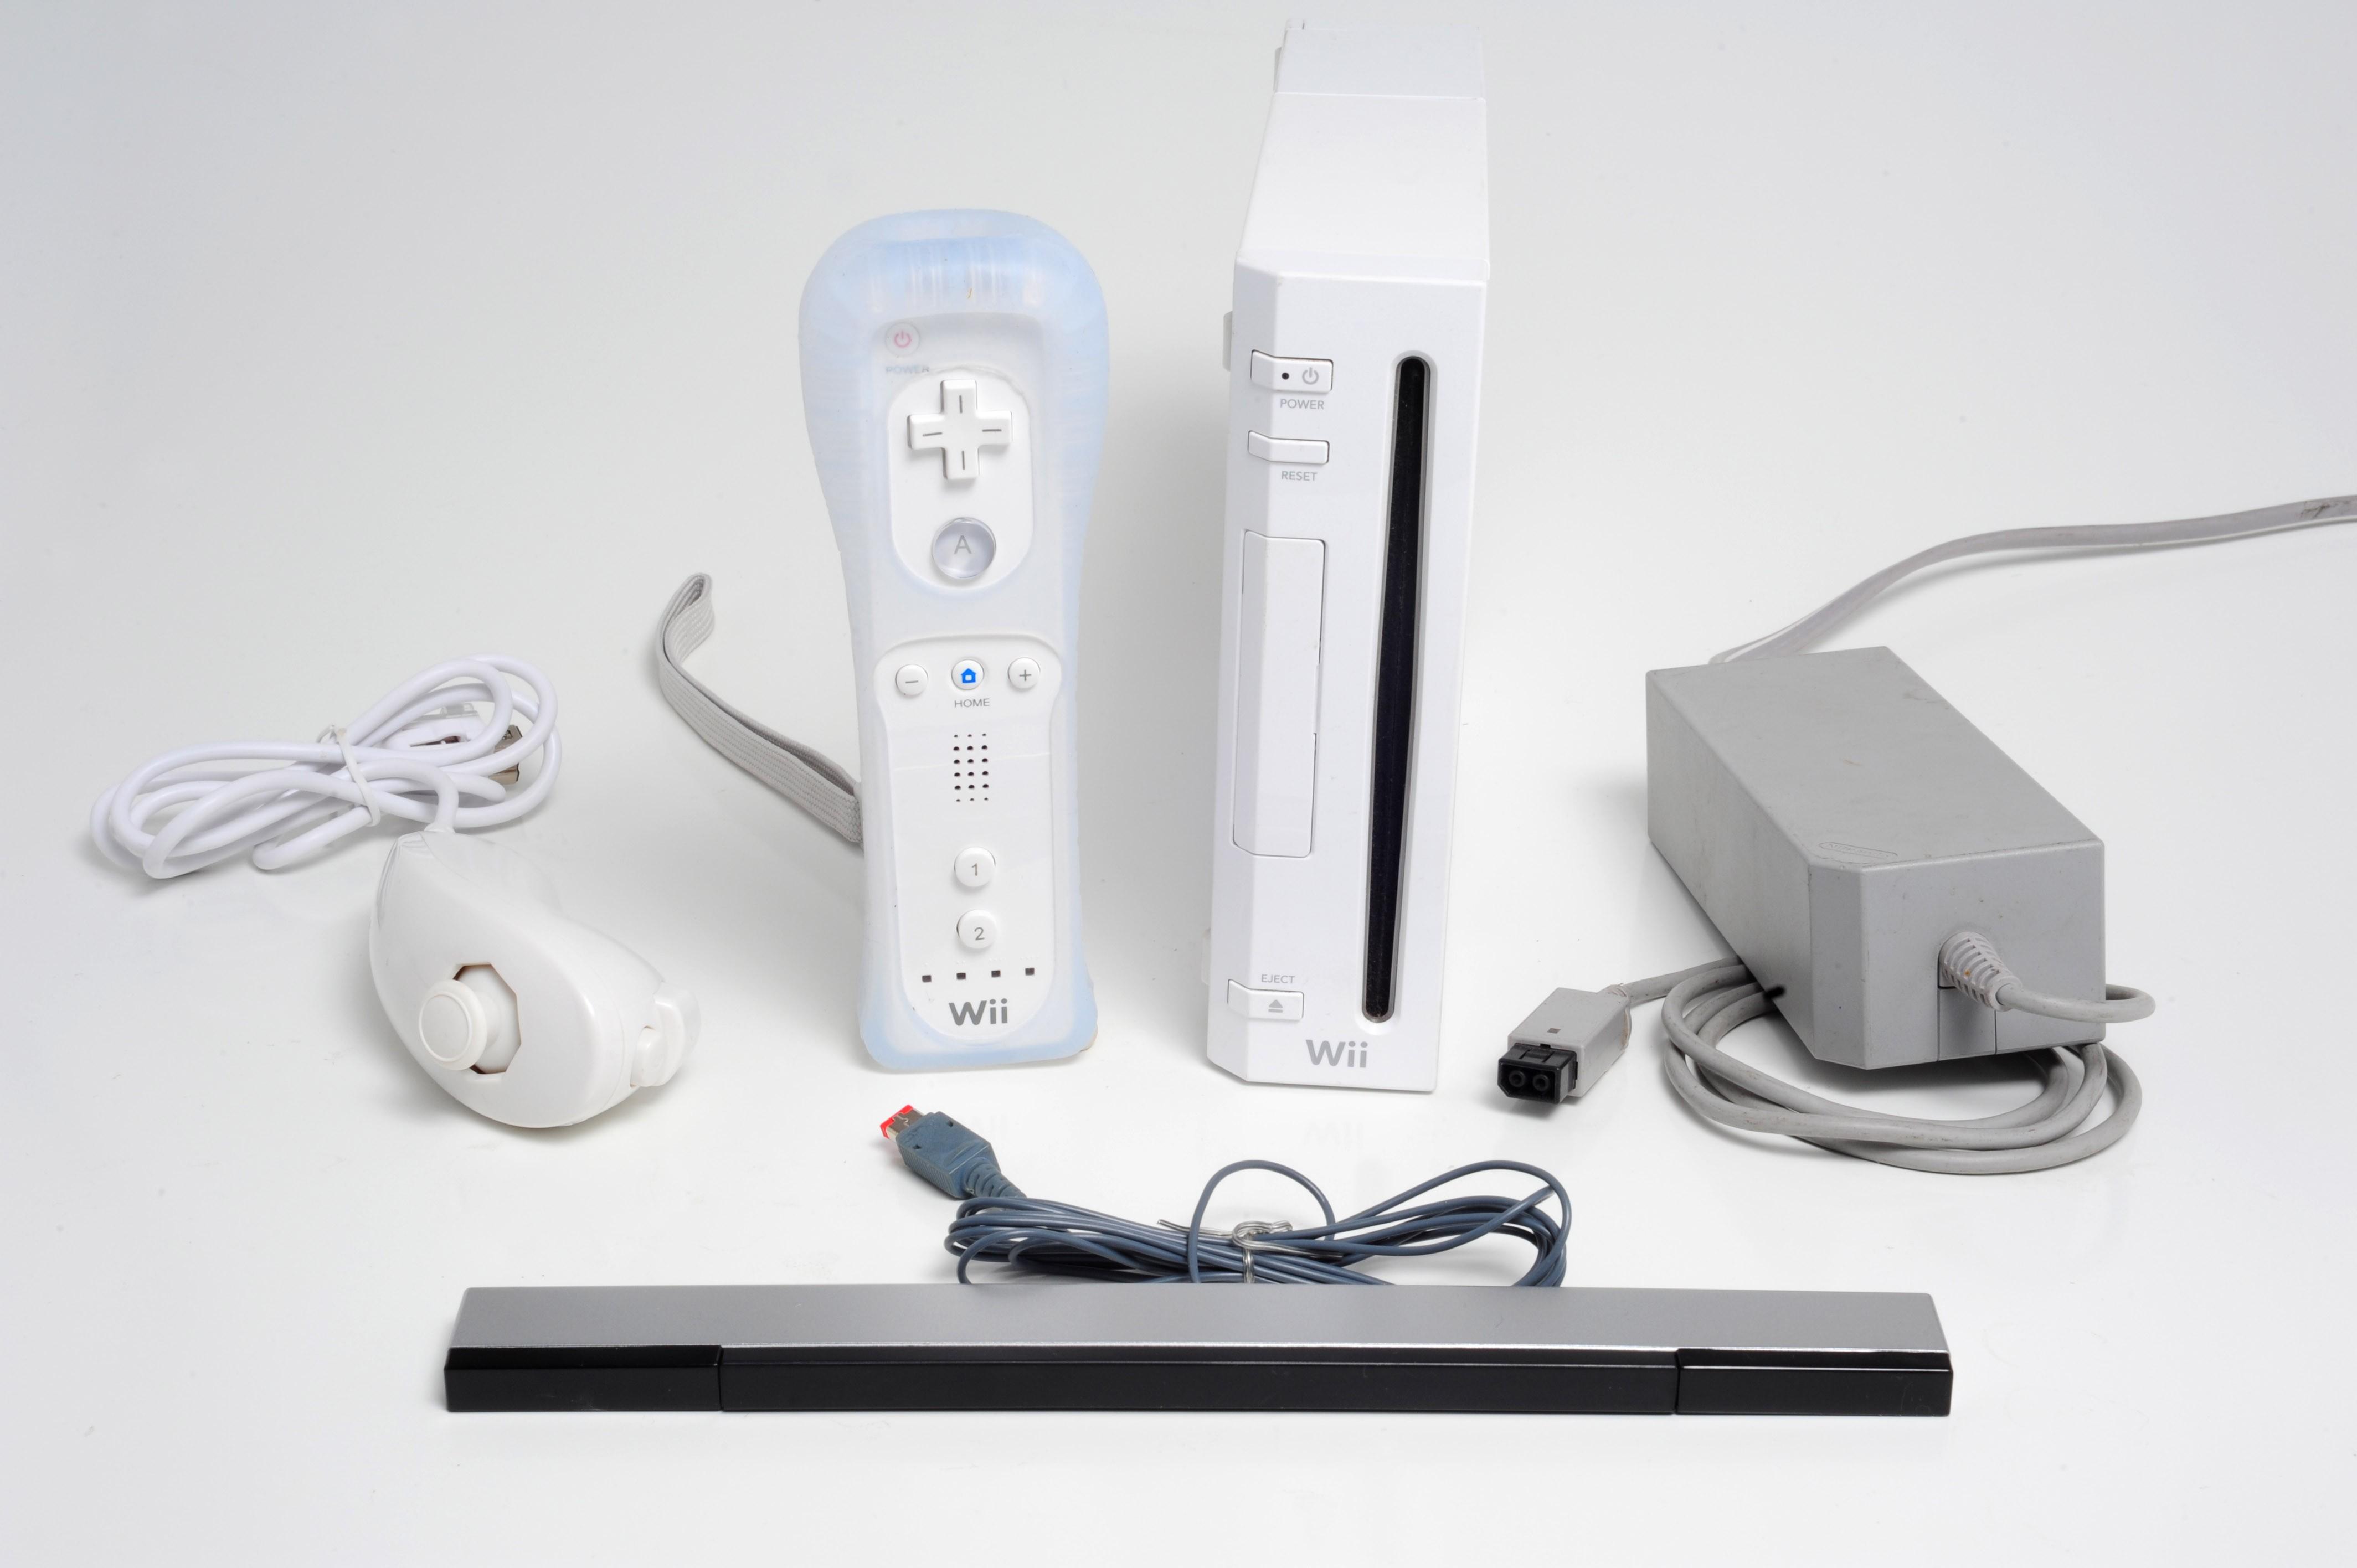 Console complète Nintendo Wii avec manettes et fils